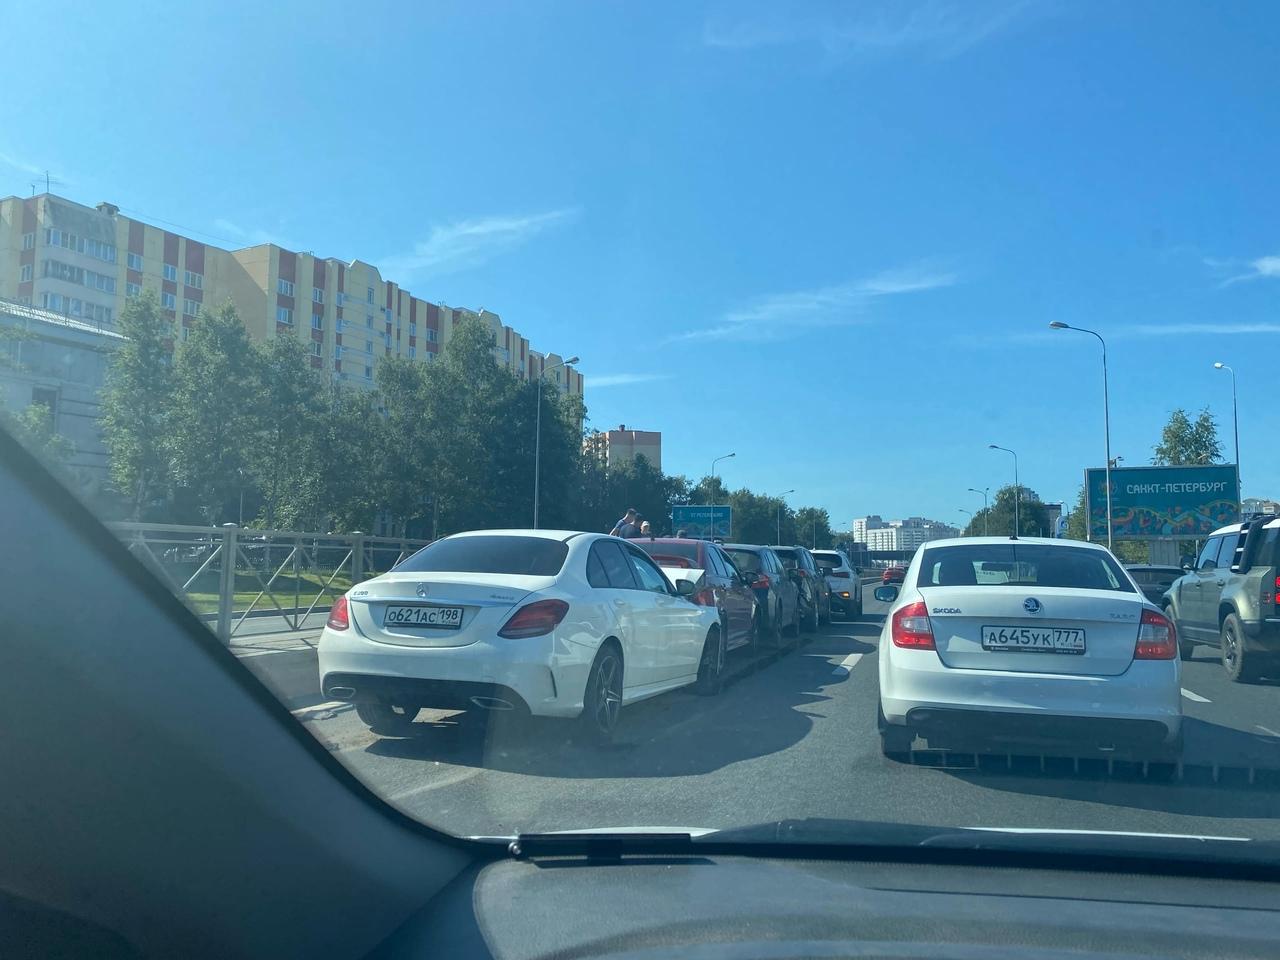 На Приморском шоссе, перед поворотом на Яхтерную, мерс так хорошо разогнался с моста, что догнал лан...